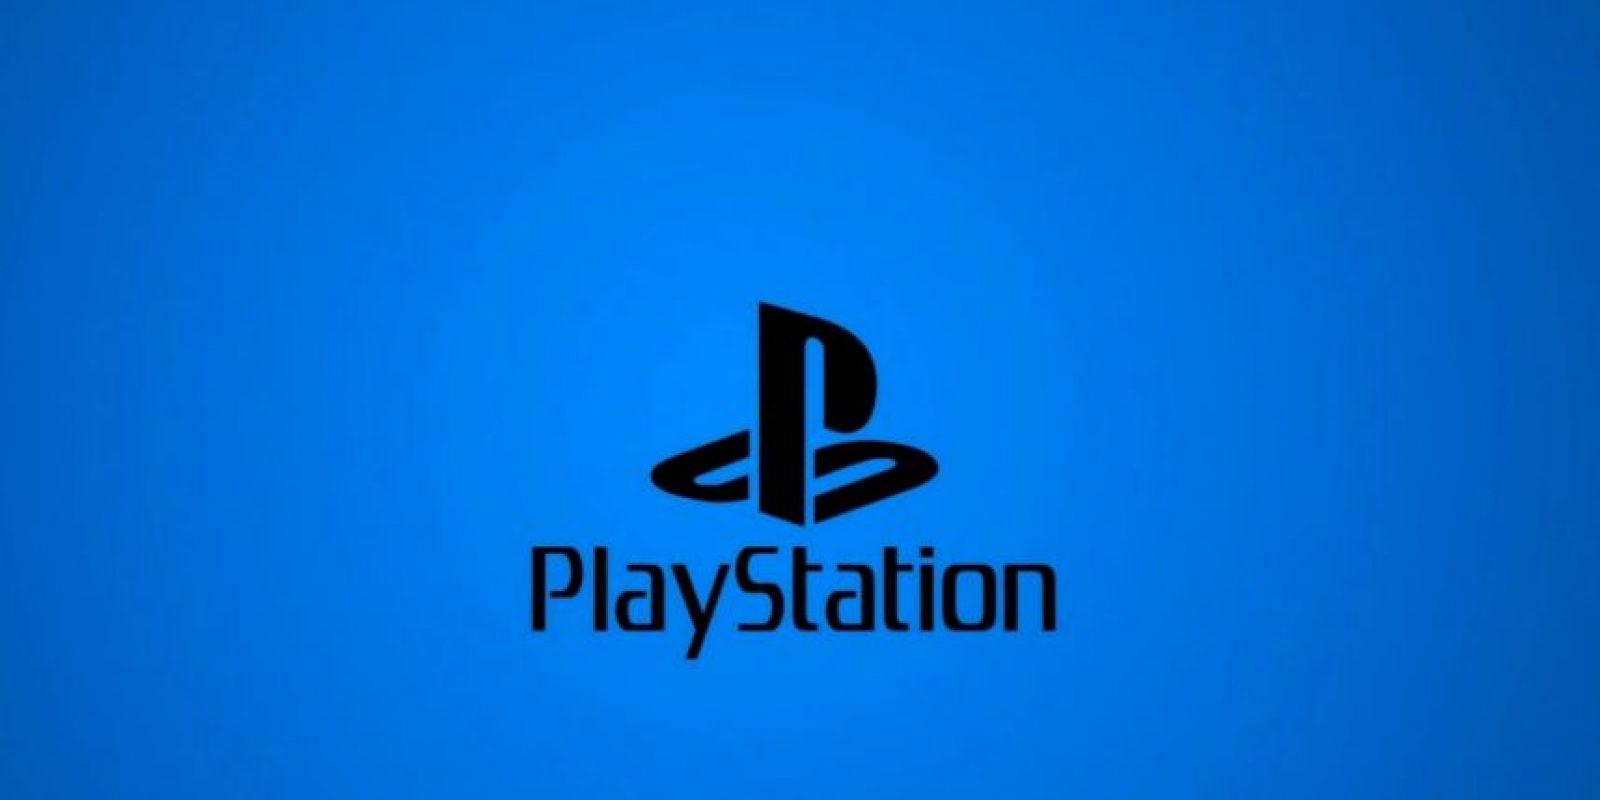 PlayStation es la consola más vendida de todos los tiempos Foto:Sony